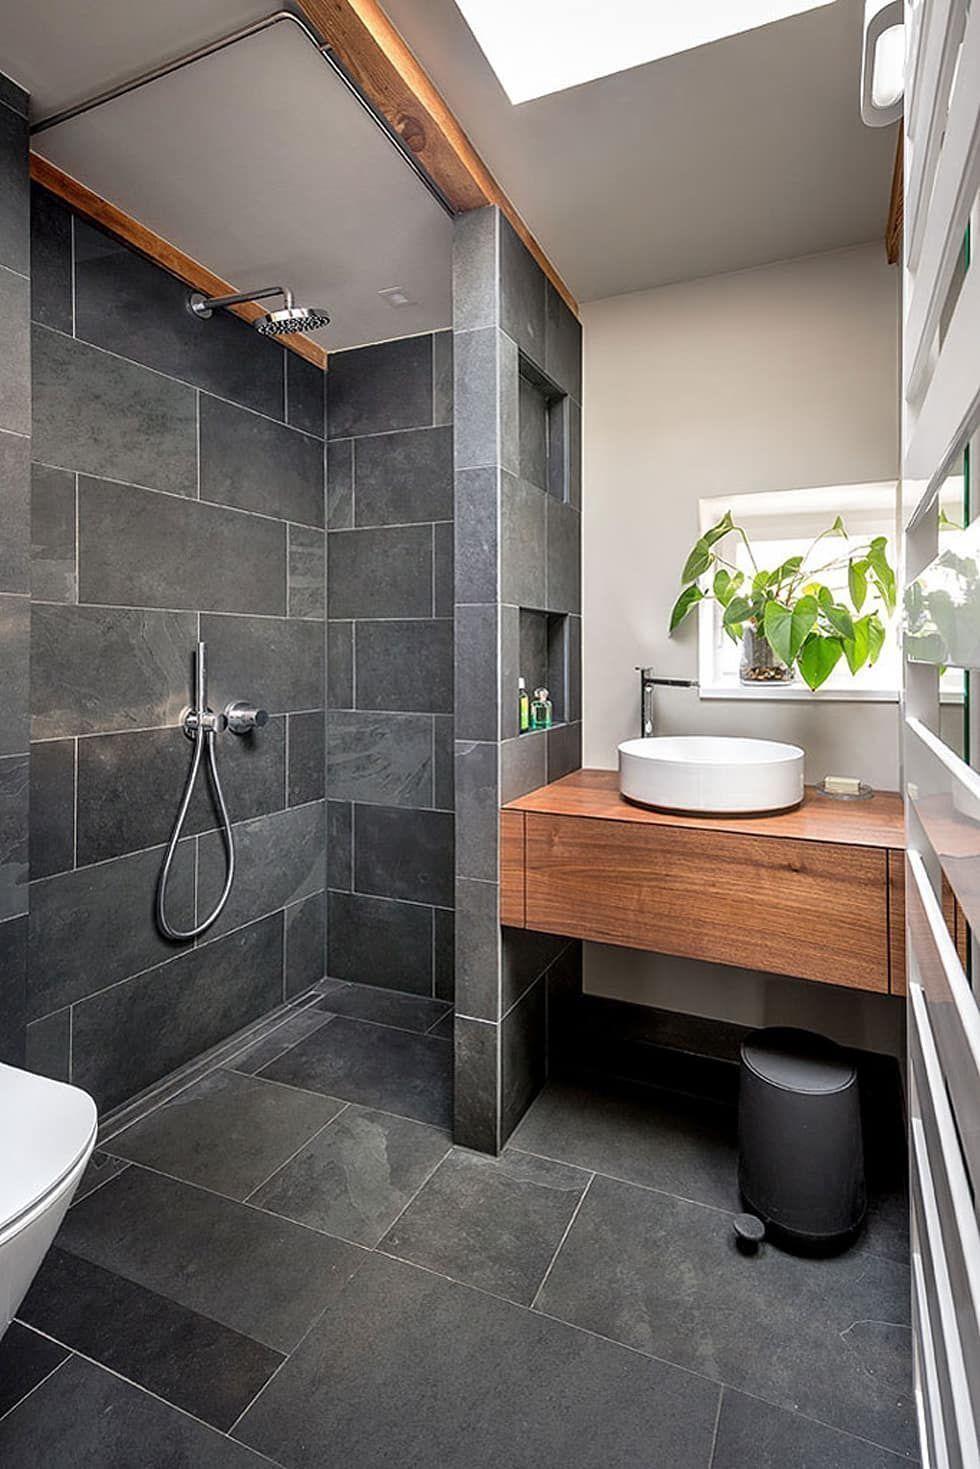 8 Bildergebnis Fur Bad Boden Anthrazit Holz Wohnen Badezimmer Eintagamsee Badezimmer Schwarz Badezimmer Design Minimalistisches Badezimmer